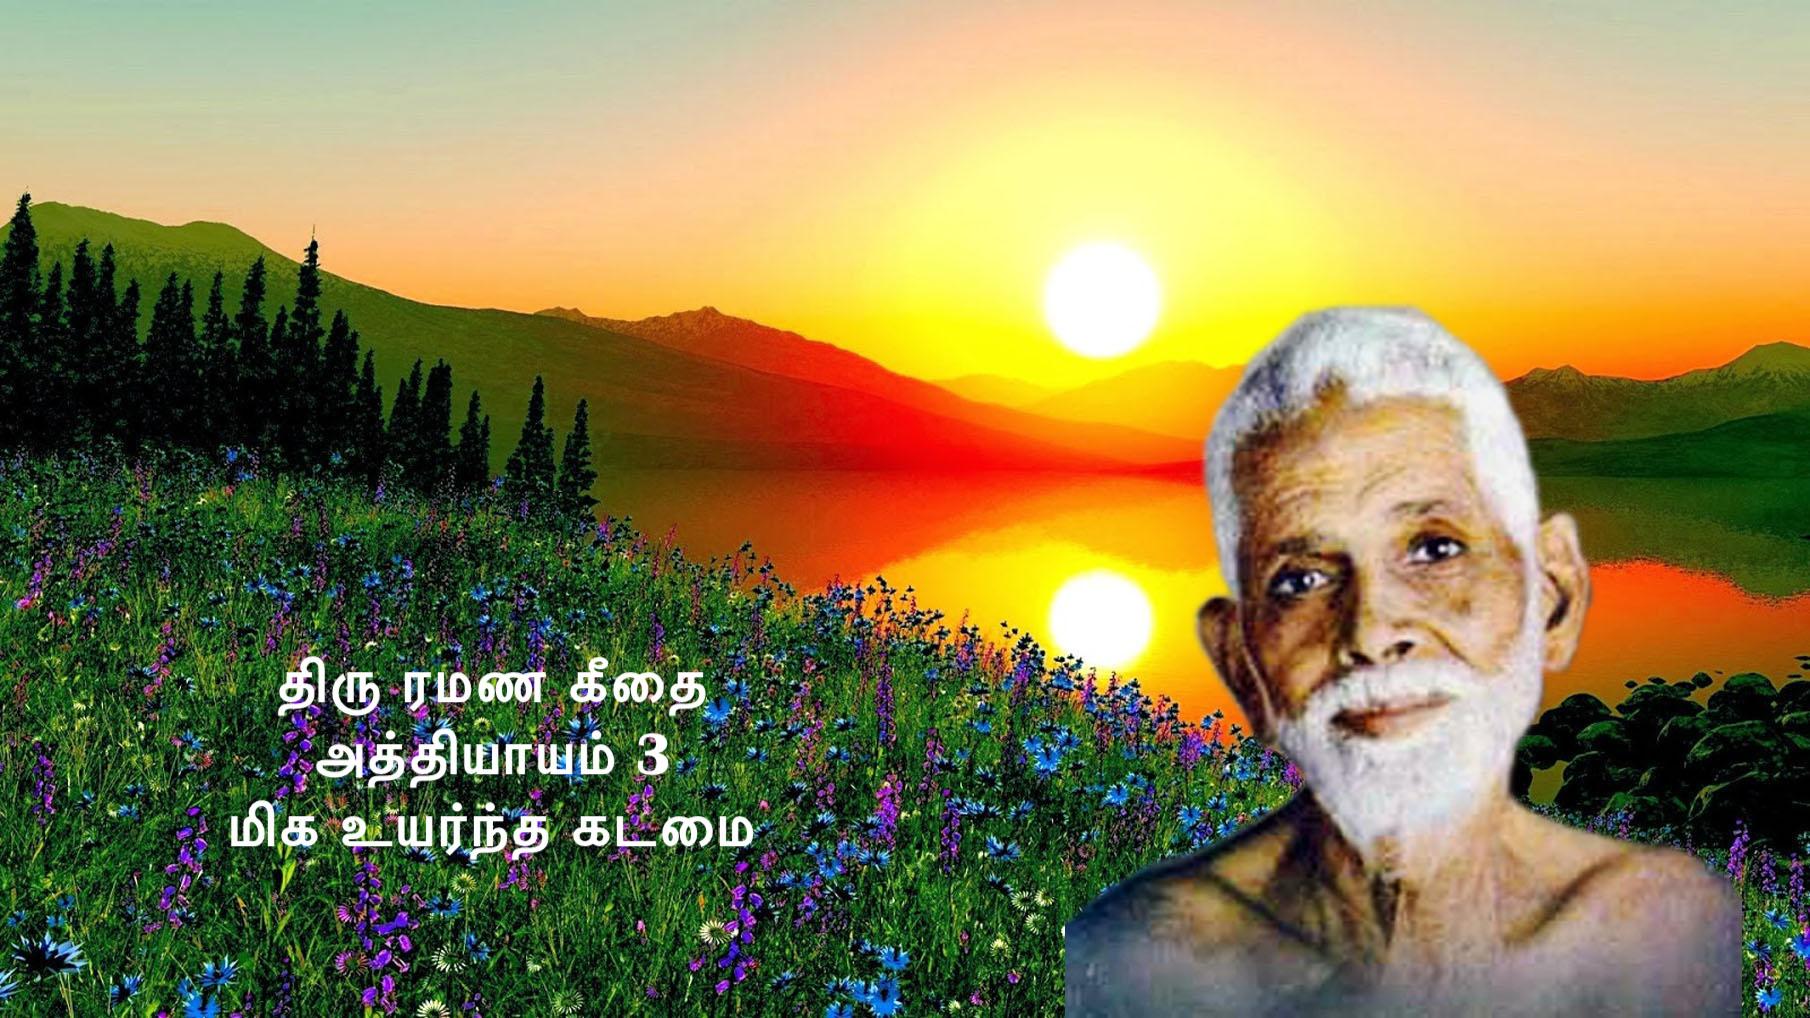 ரமண கீதை - அத்தியாயம் 3 - மிக உயர்ந்த கடமை